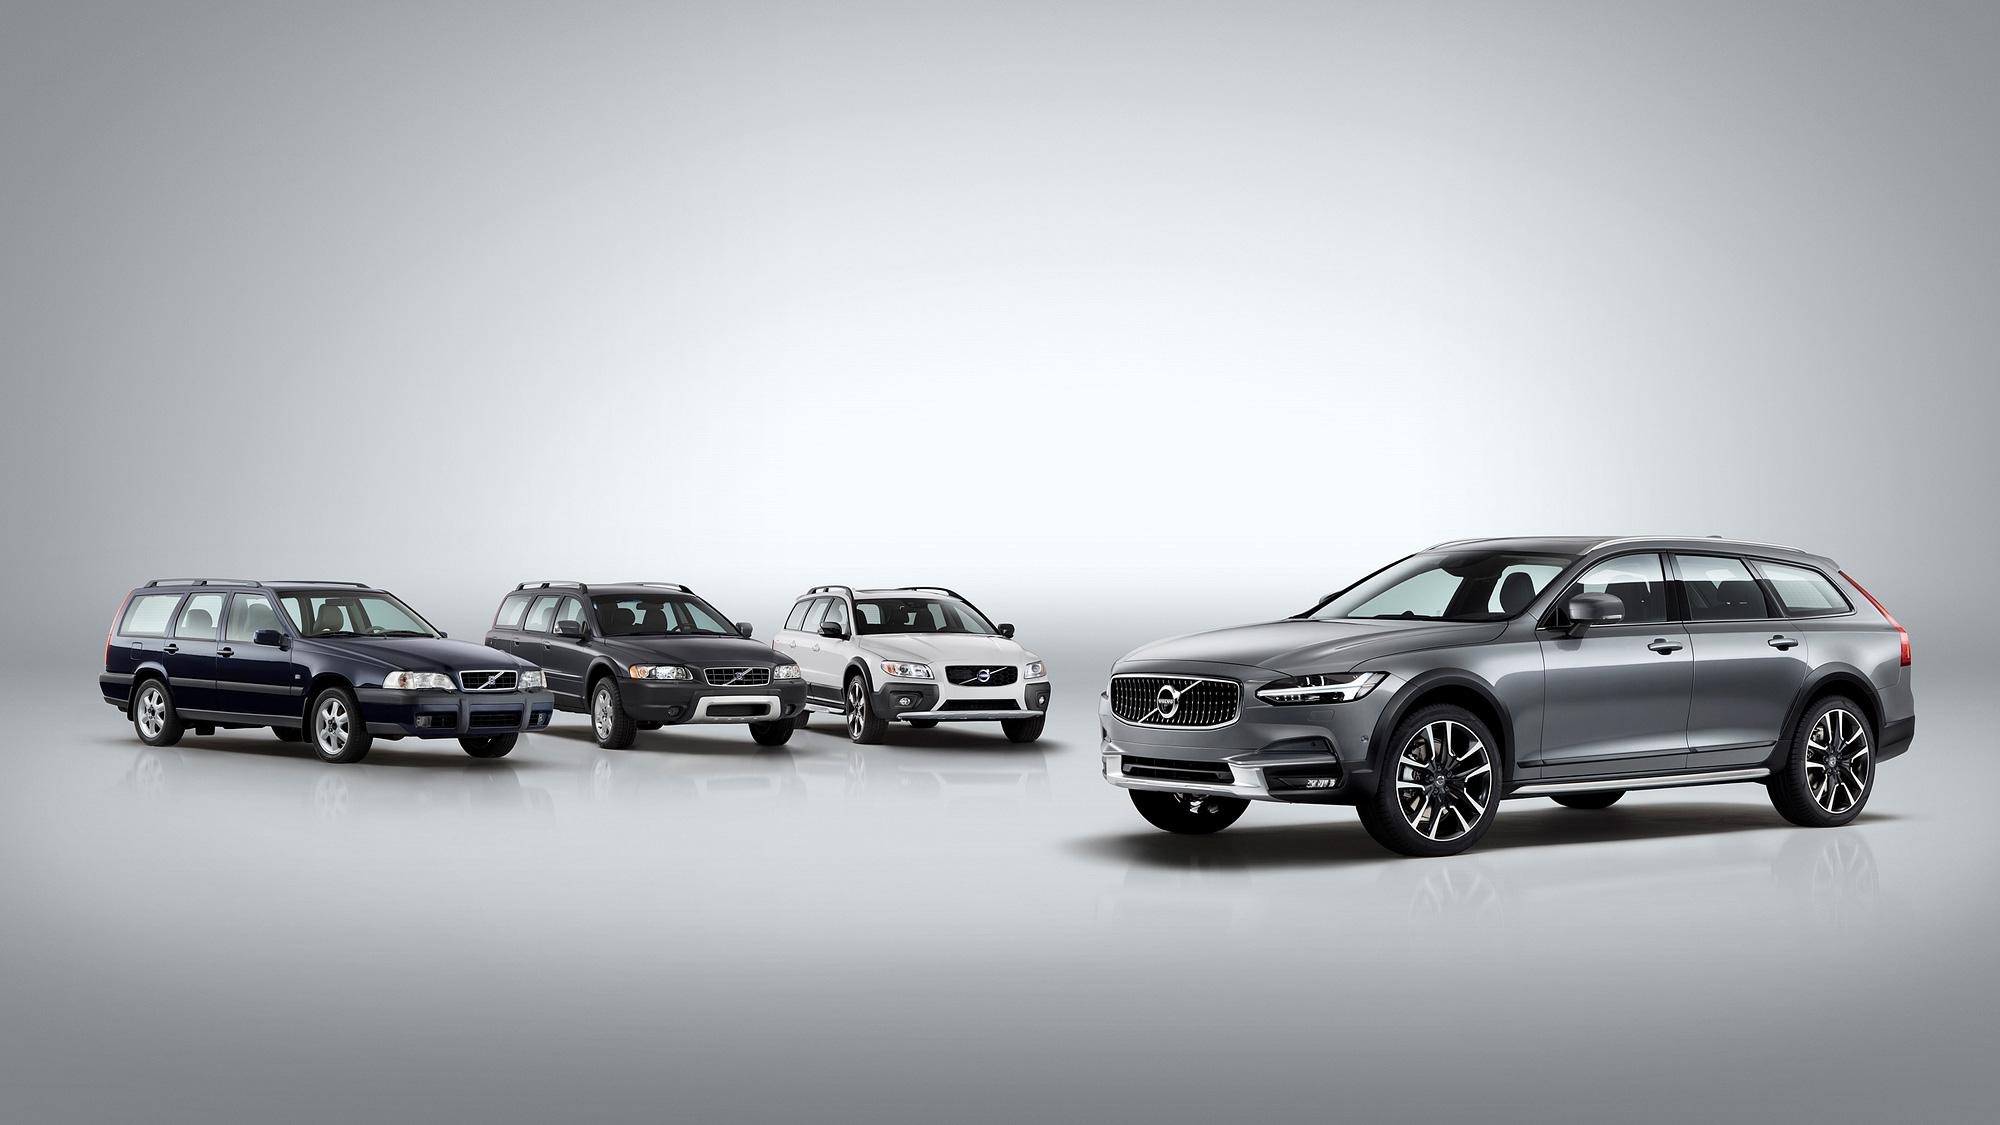 Volvo V90 Cross Country 獲 Digital Trends 最佳豪華家庭車款肯定